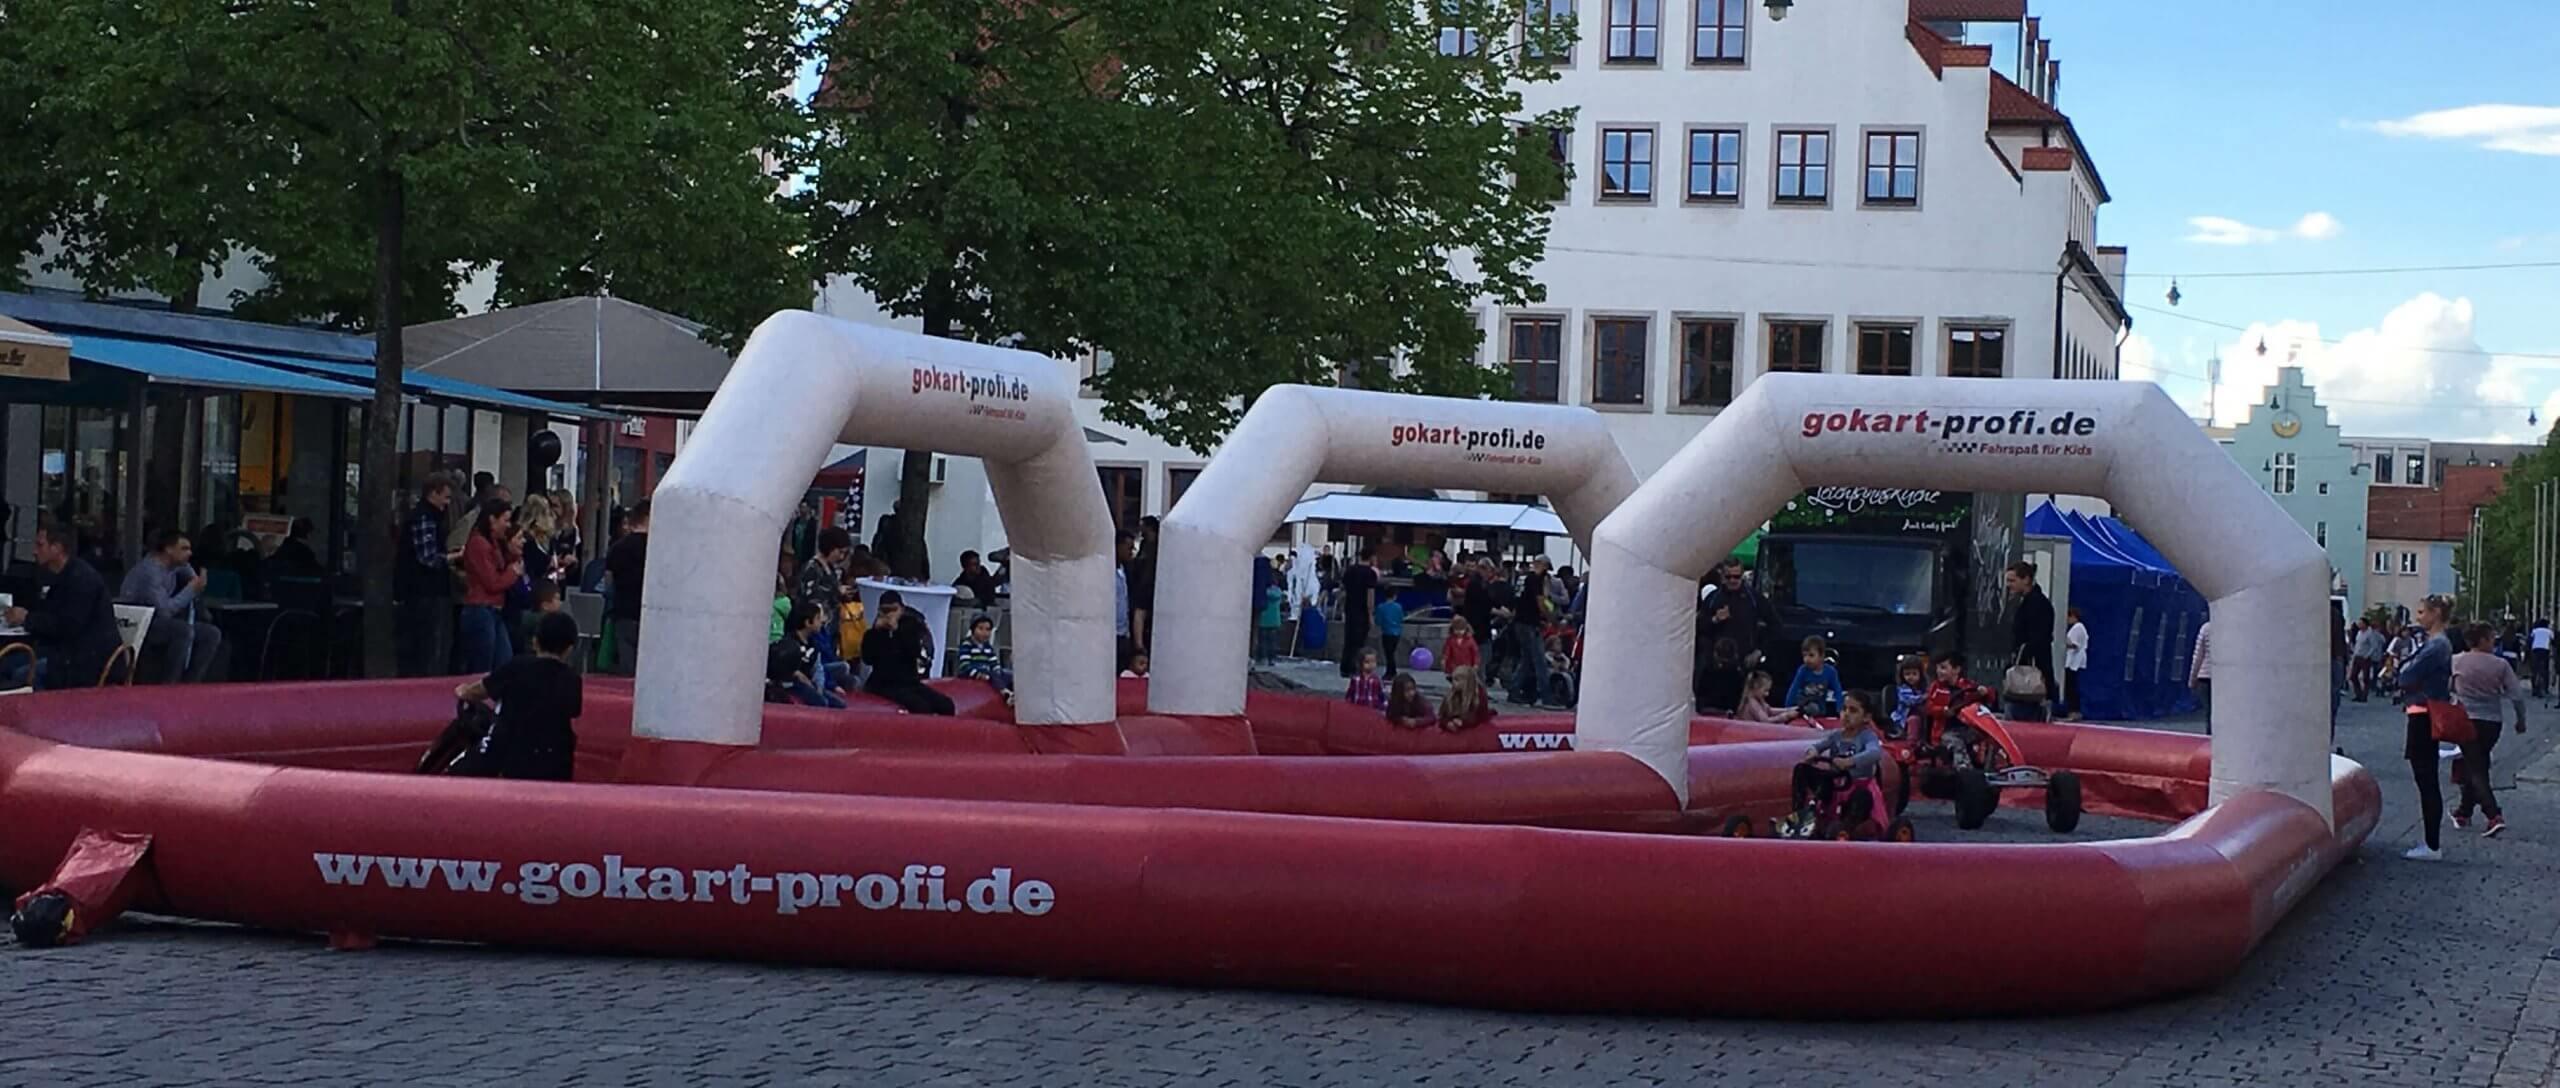 GOKART PROFI Mobile Gokartbahn - Nacht der Sinne in Neumarkt - gokart-profi.de